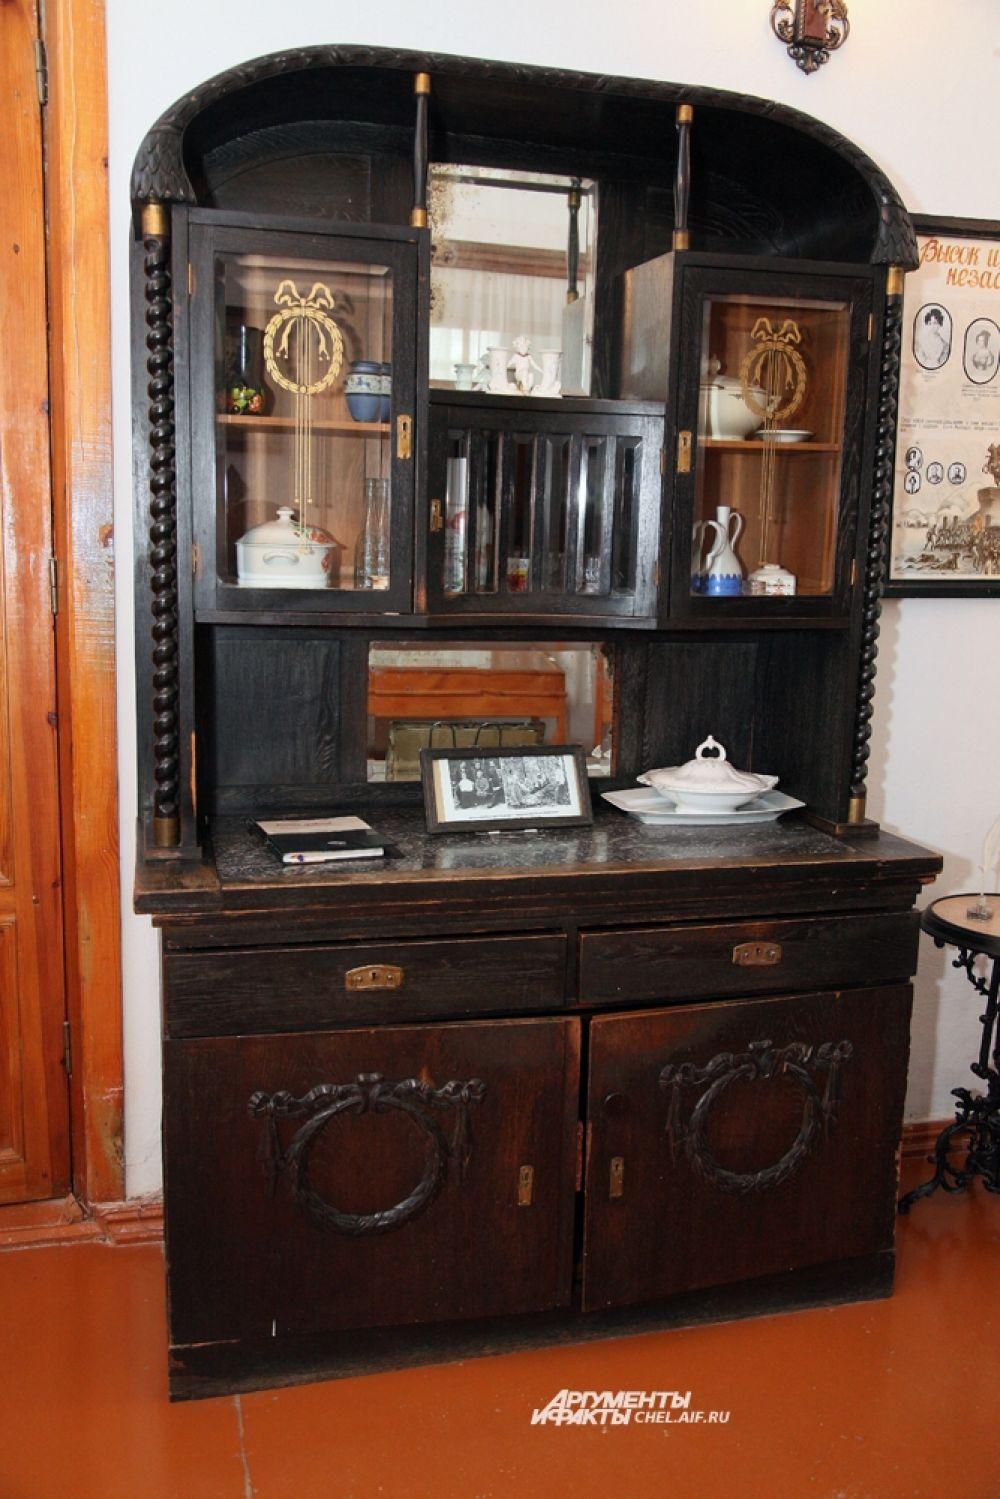 Гостиная мебель кон. 19-нач. 20 в. (мебель была вывезена из Германии в 1945 г.);